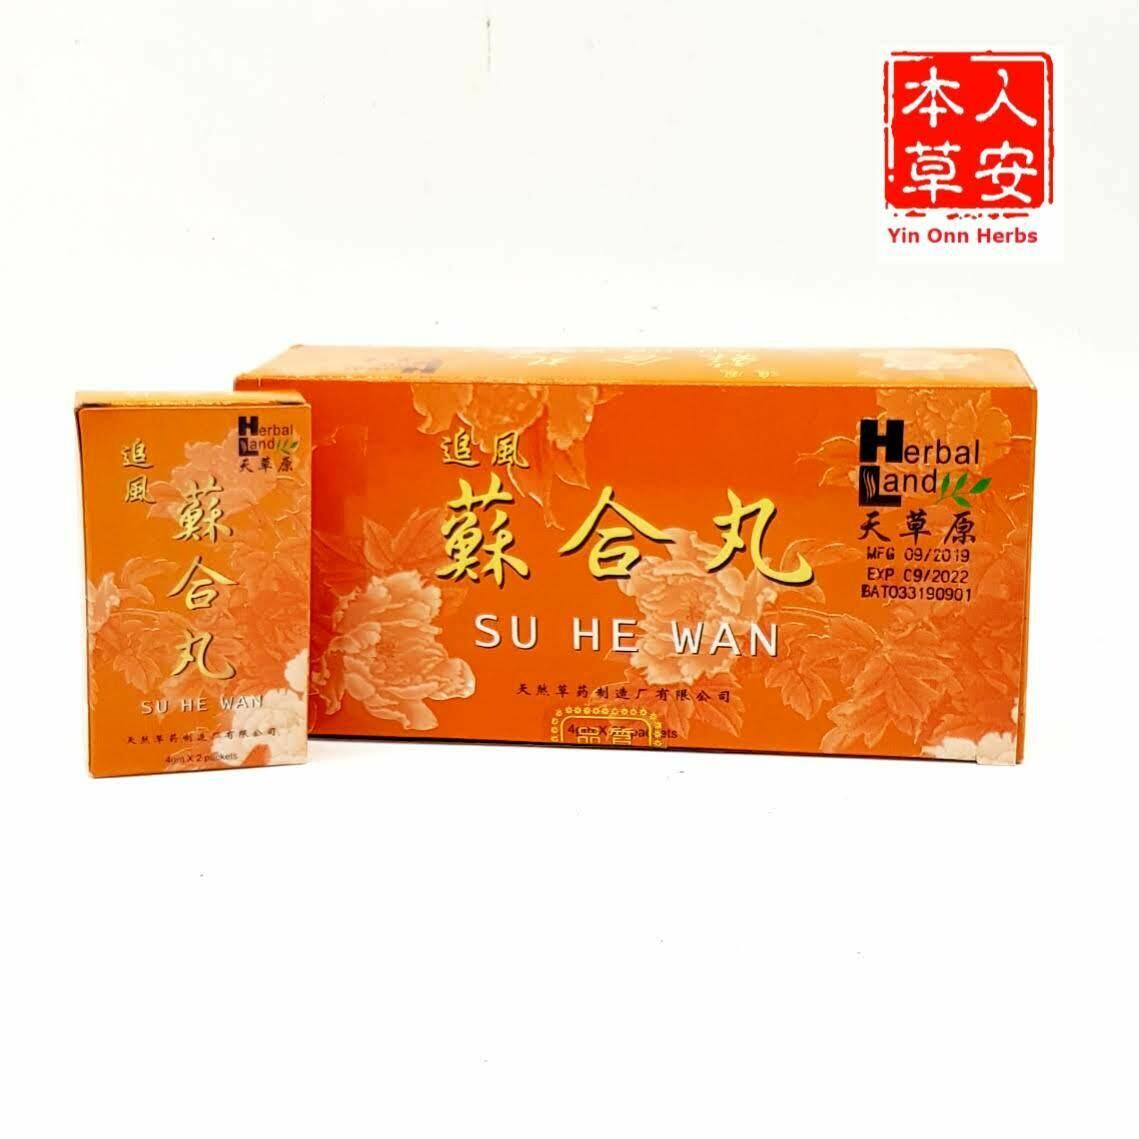 追风苏合丸 20小丸 ZhuiFung So Hup Pills (Small Pills)